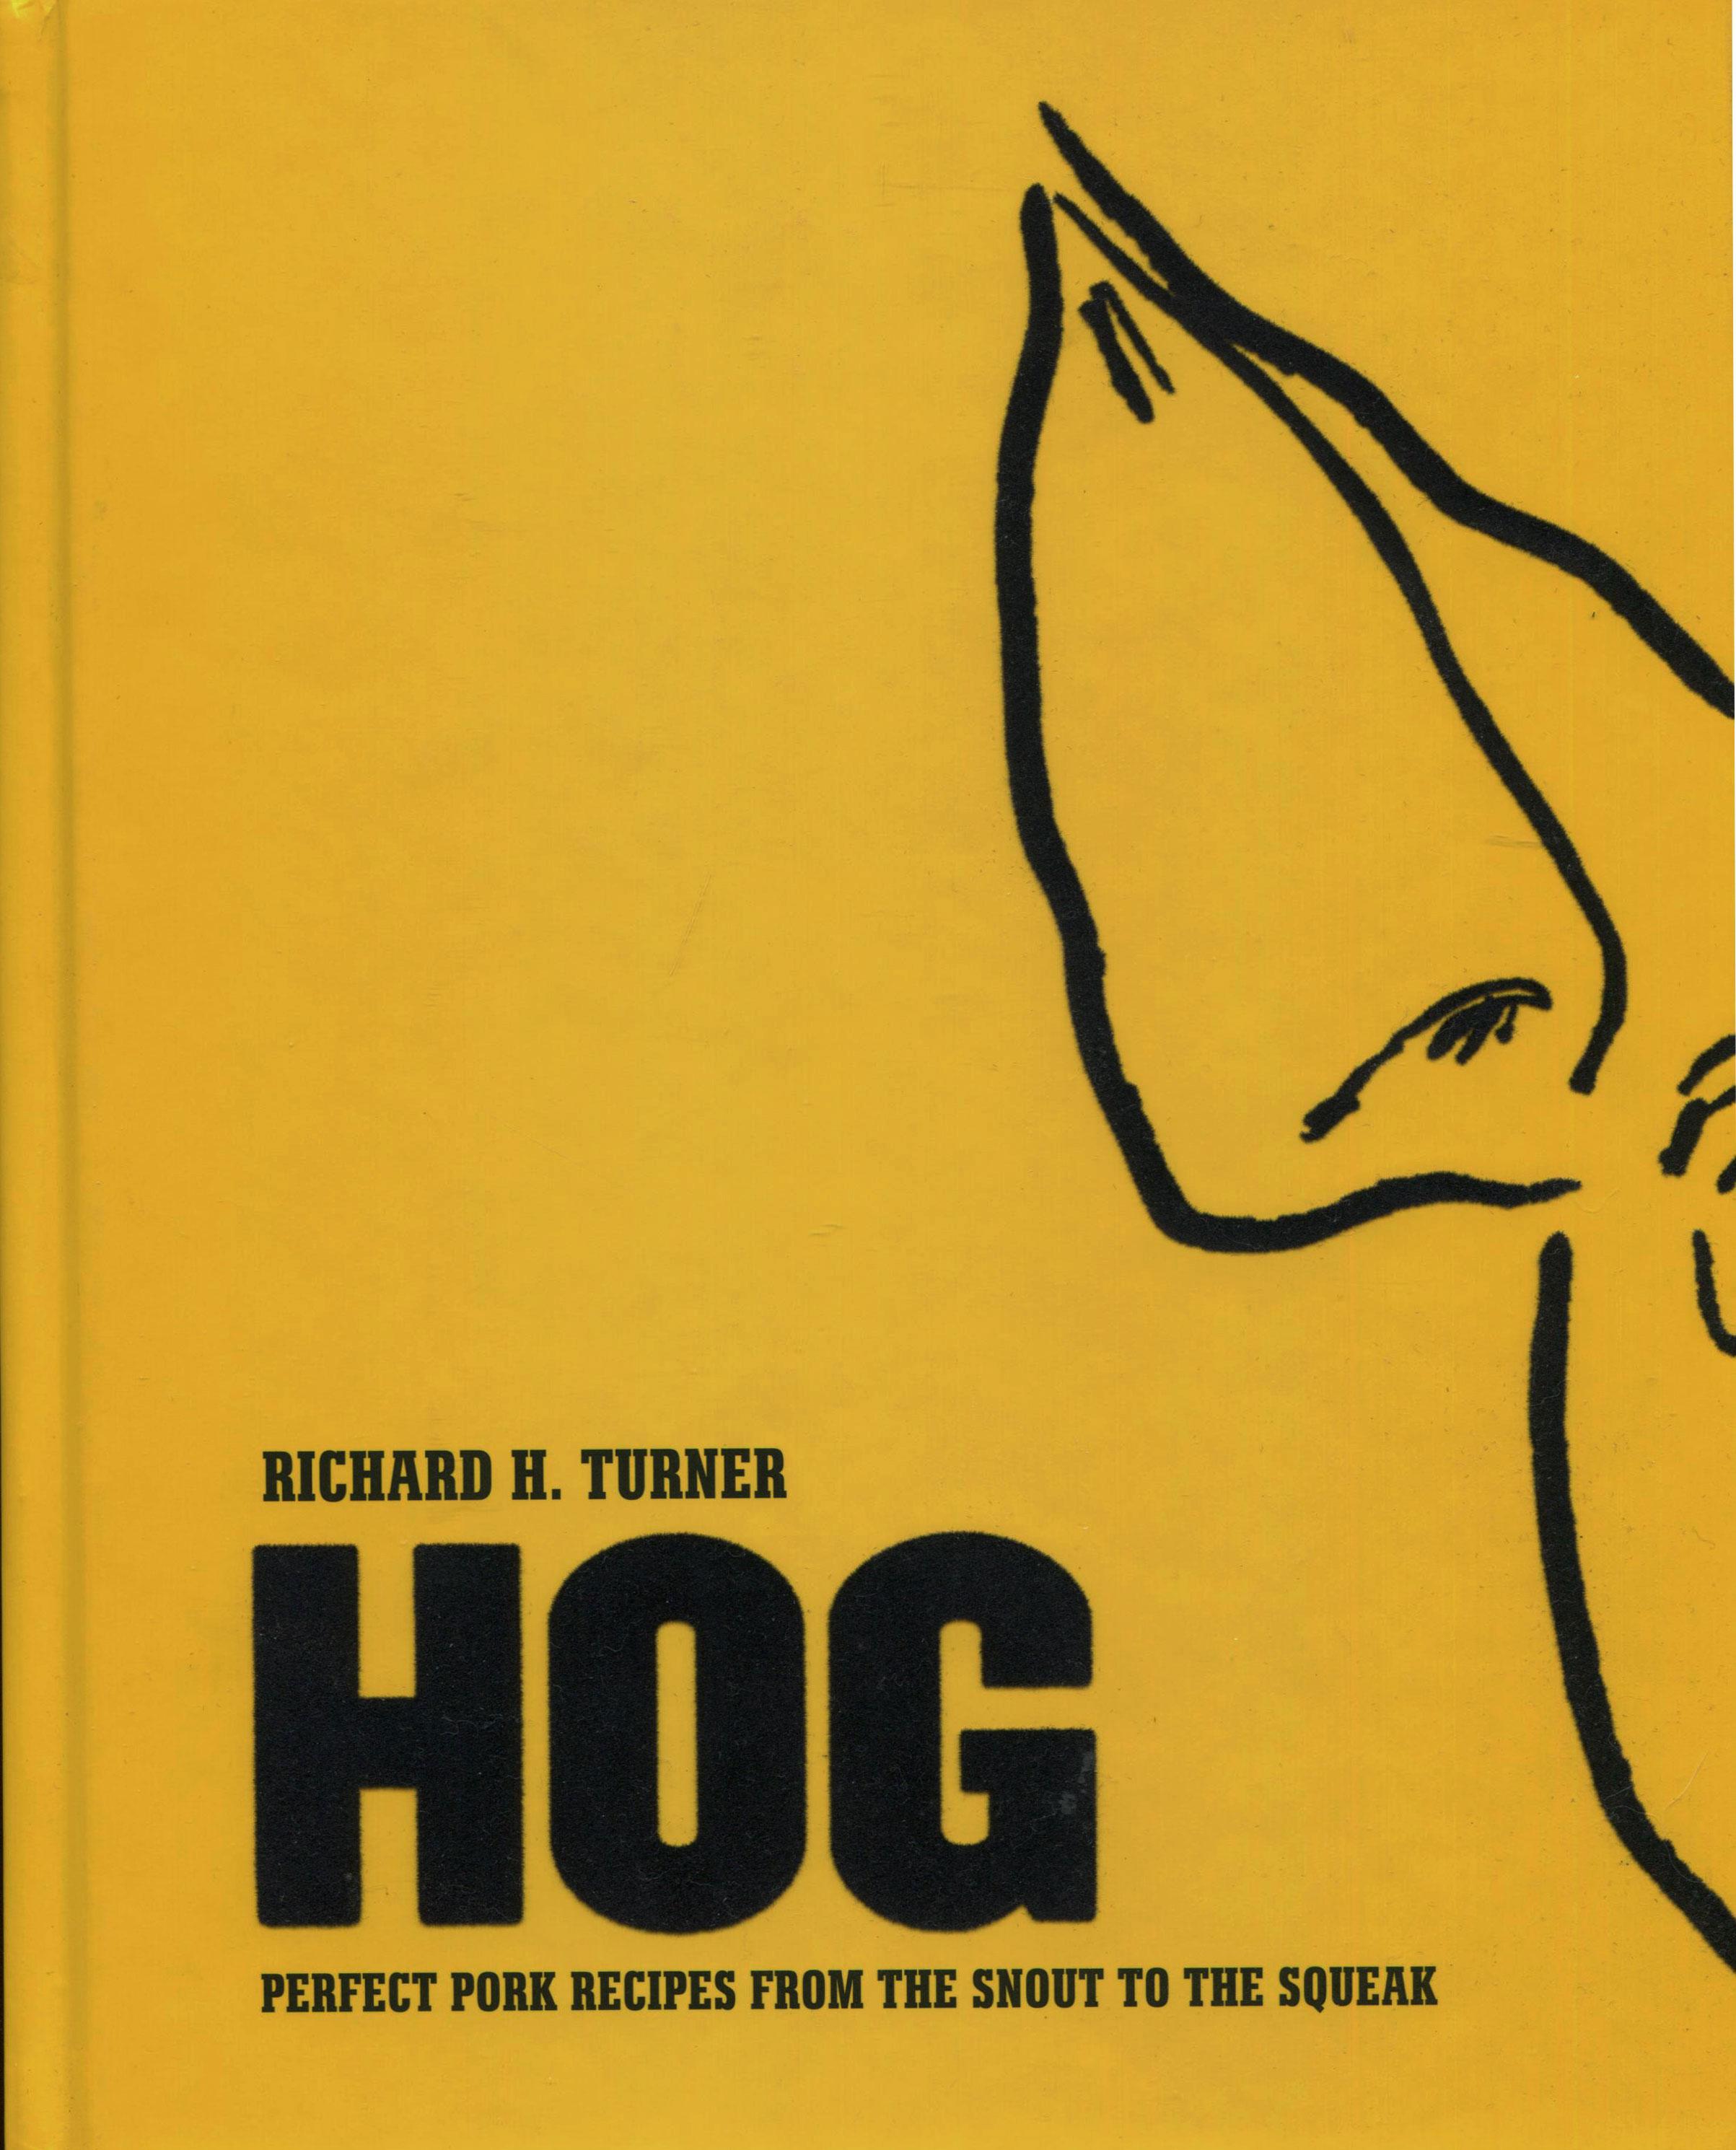 Best of Cookbook Reviews: Hog by Richard H. Turner